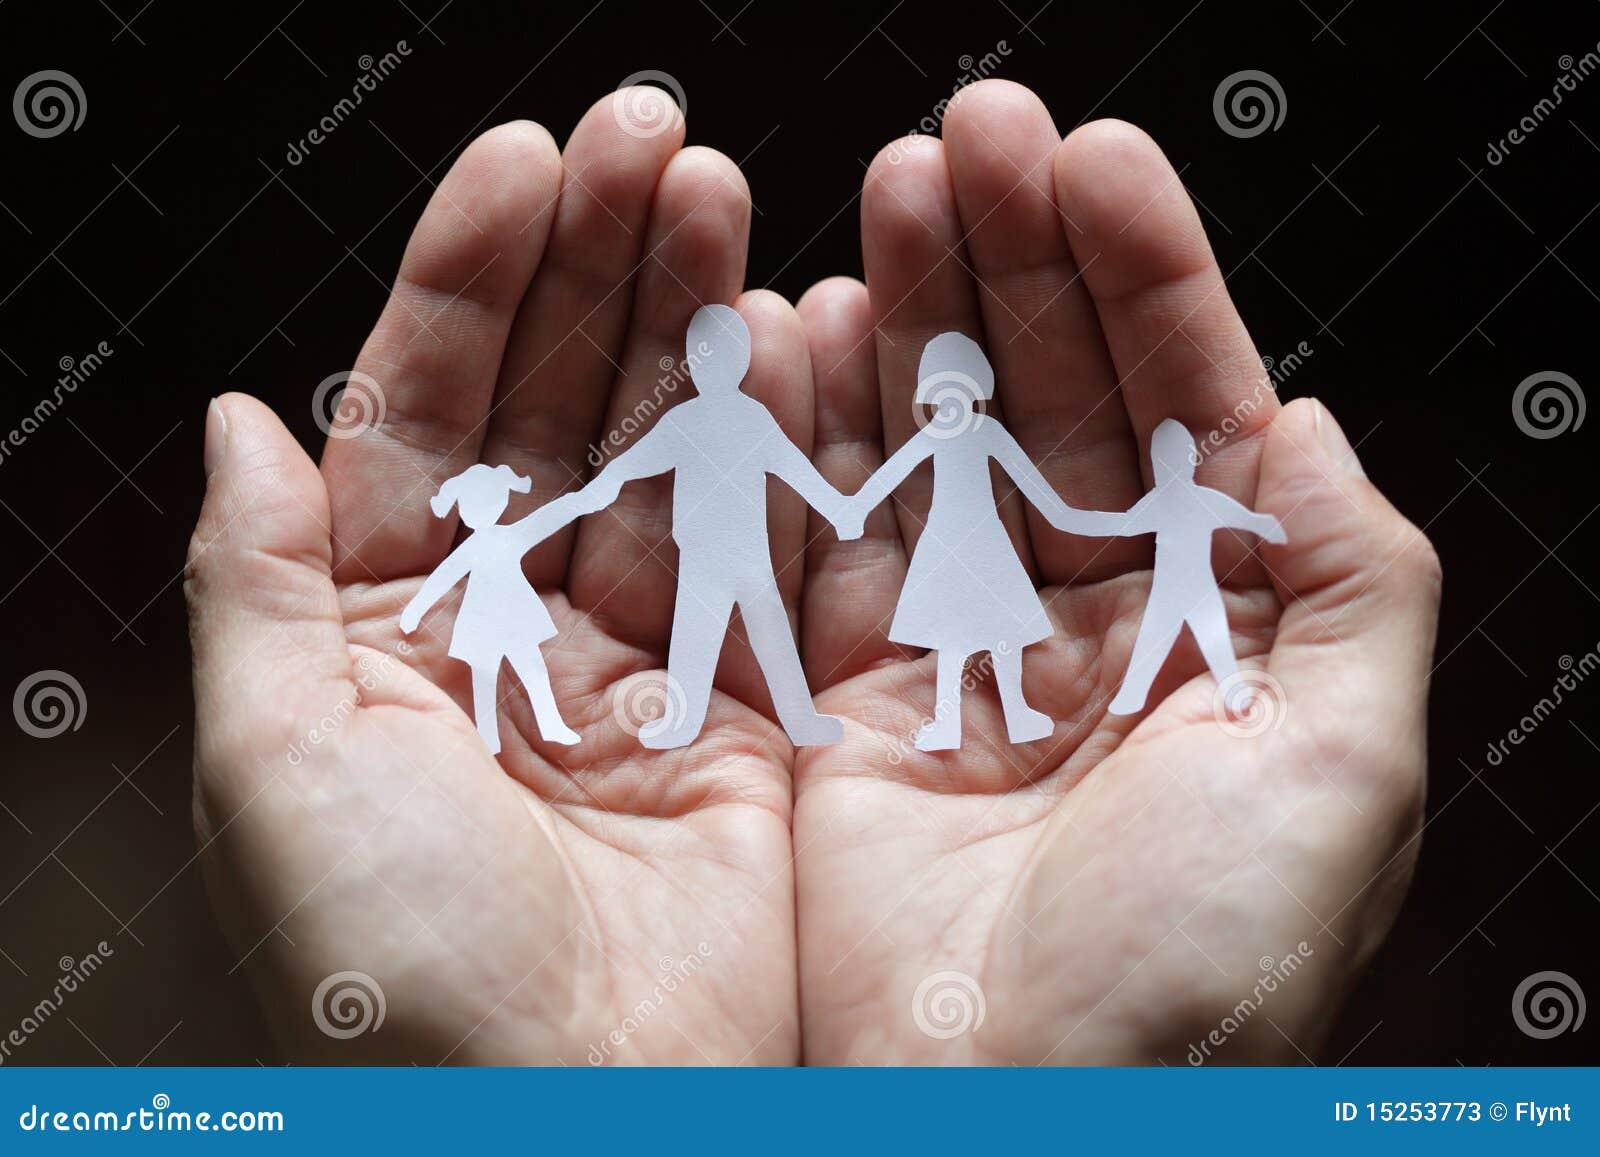 Famille à chaînes de papier protégée dans des mains évasées